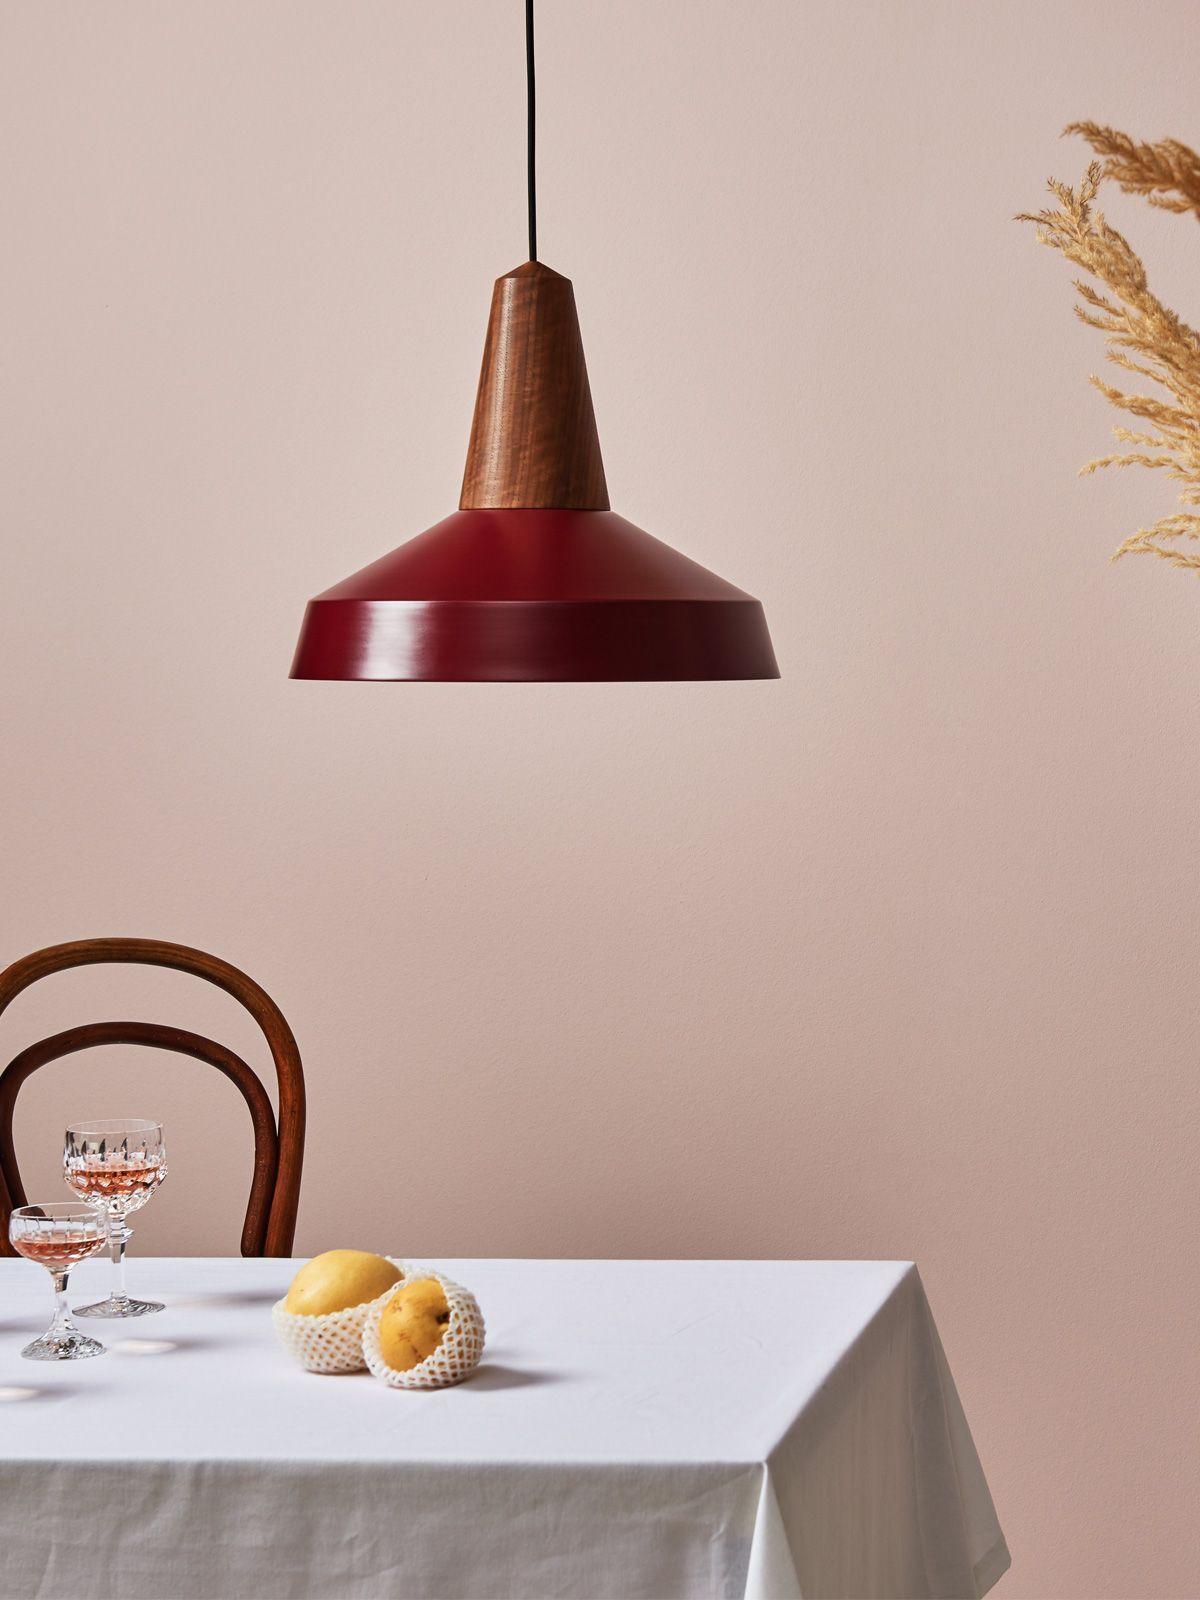 Designerleuchten Und Lampen Selbst Zusammenstellen Designort Com In 2020 Lampen Lampen Und Leuchten Leuchten